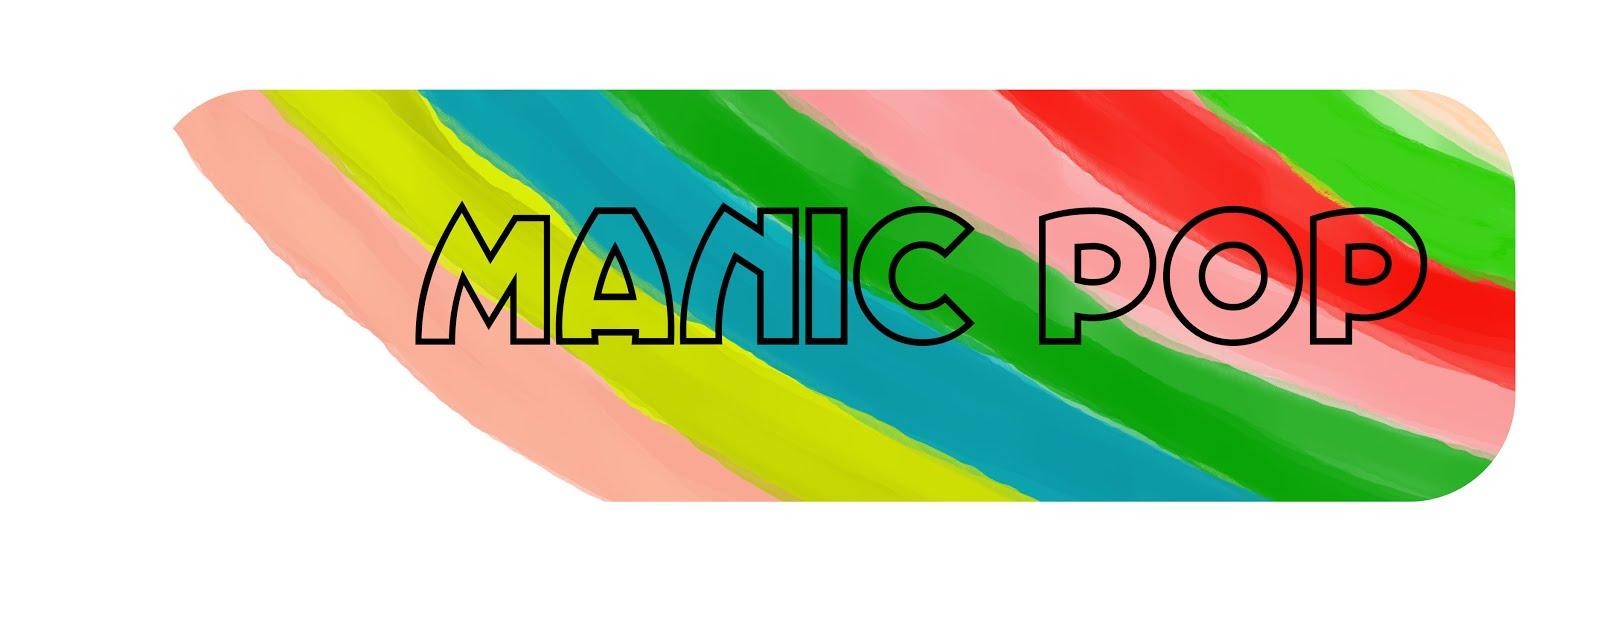 Manic Pop